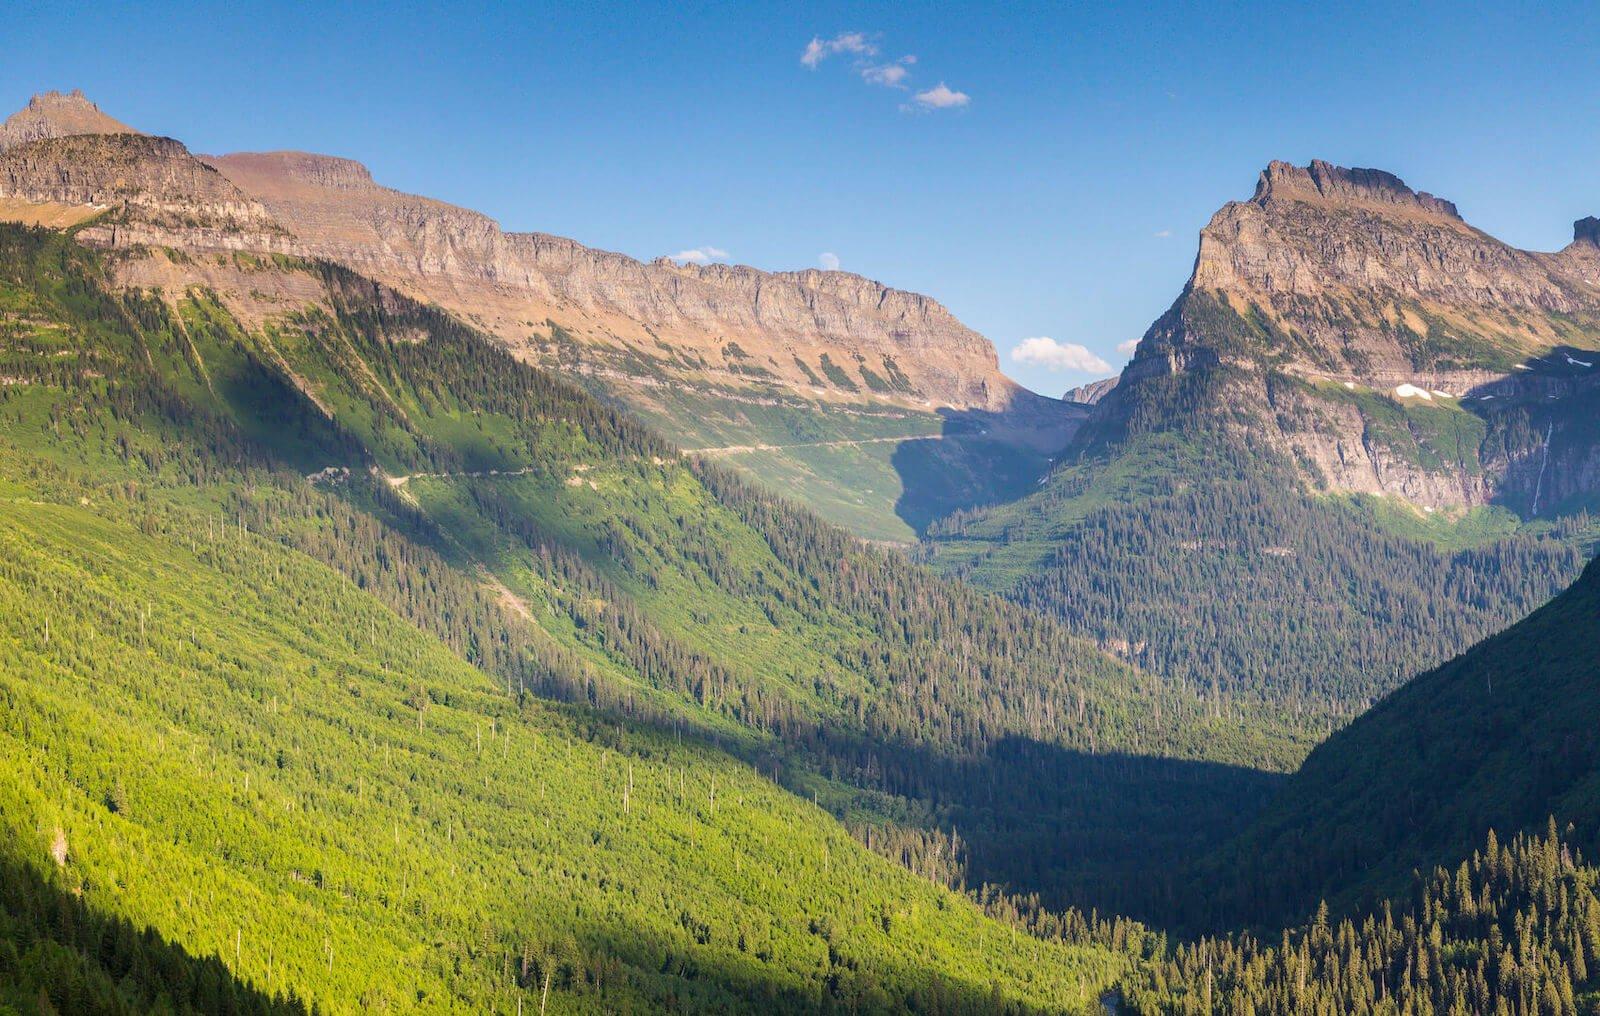 profiter des paysages pour voyager moins cher